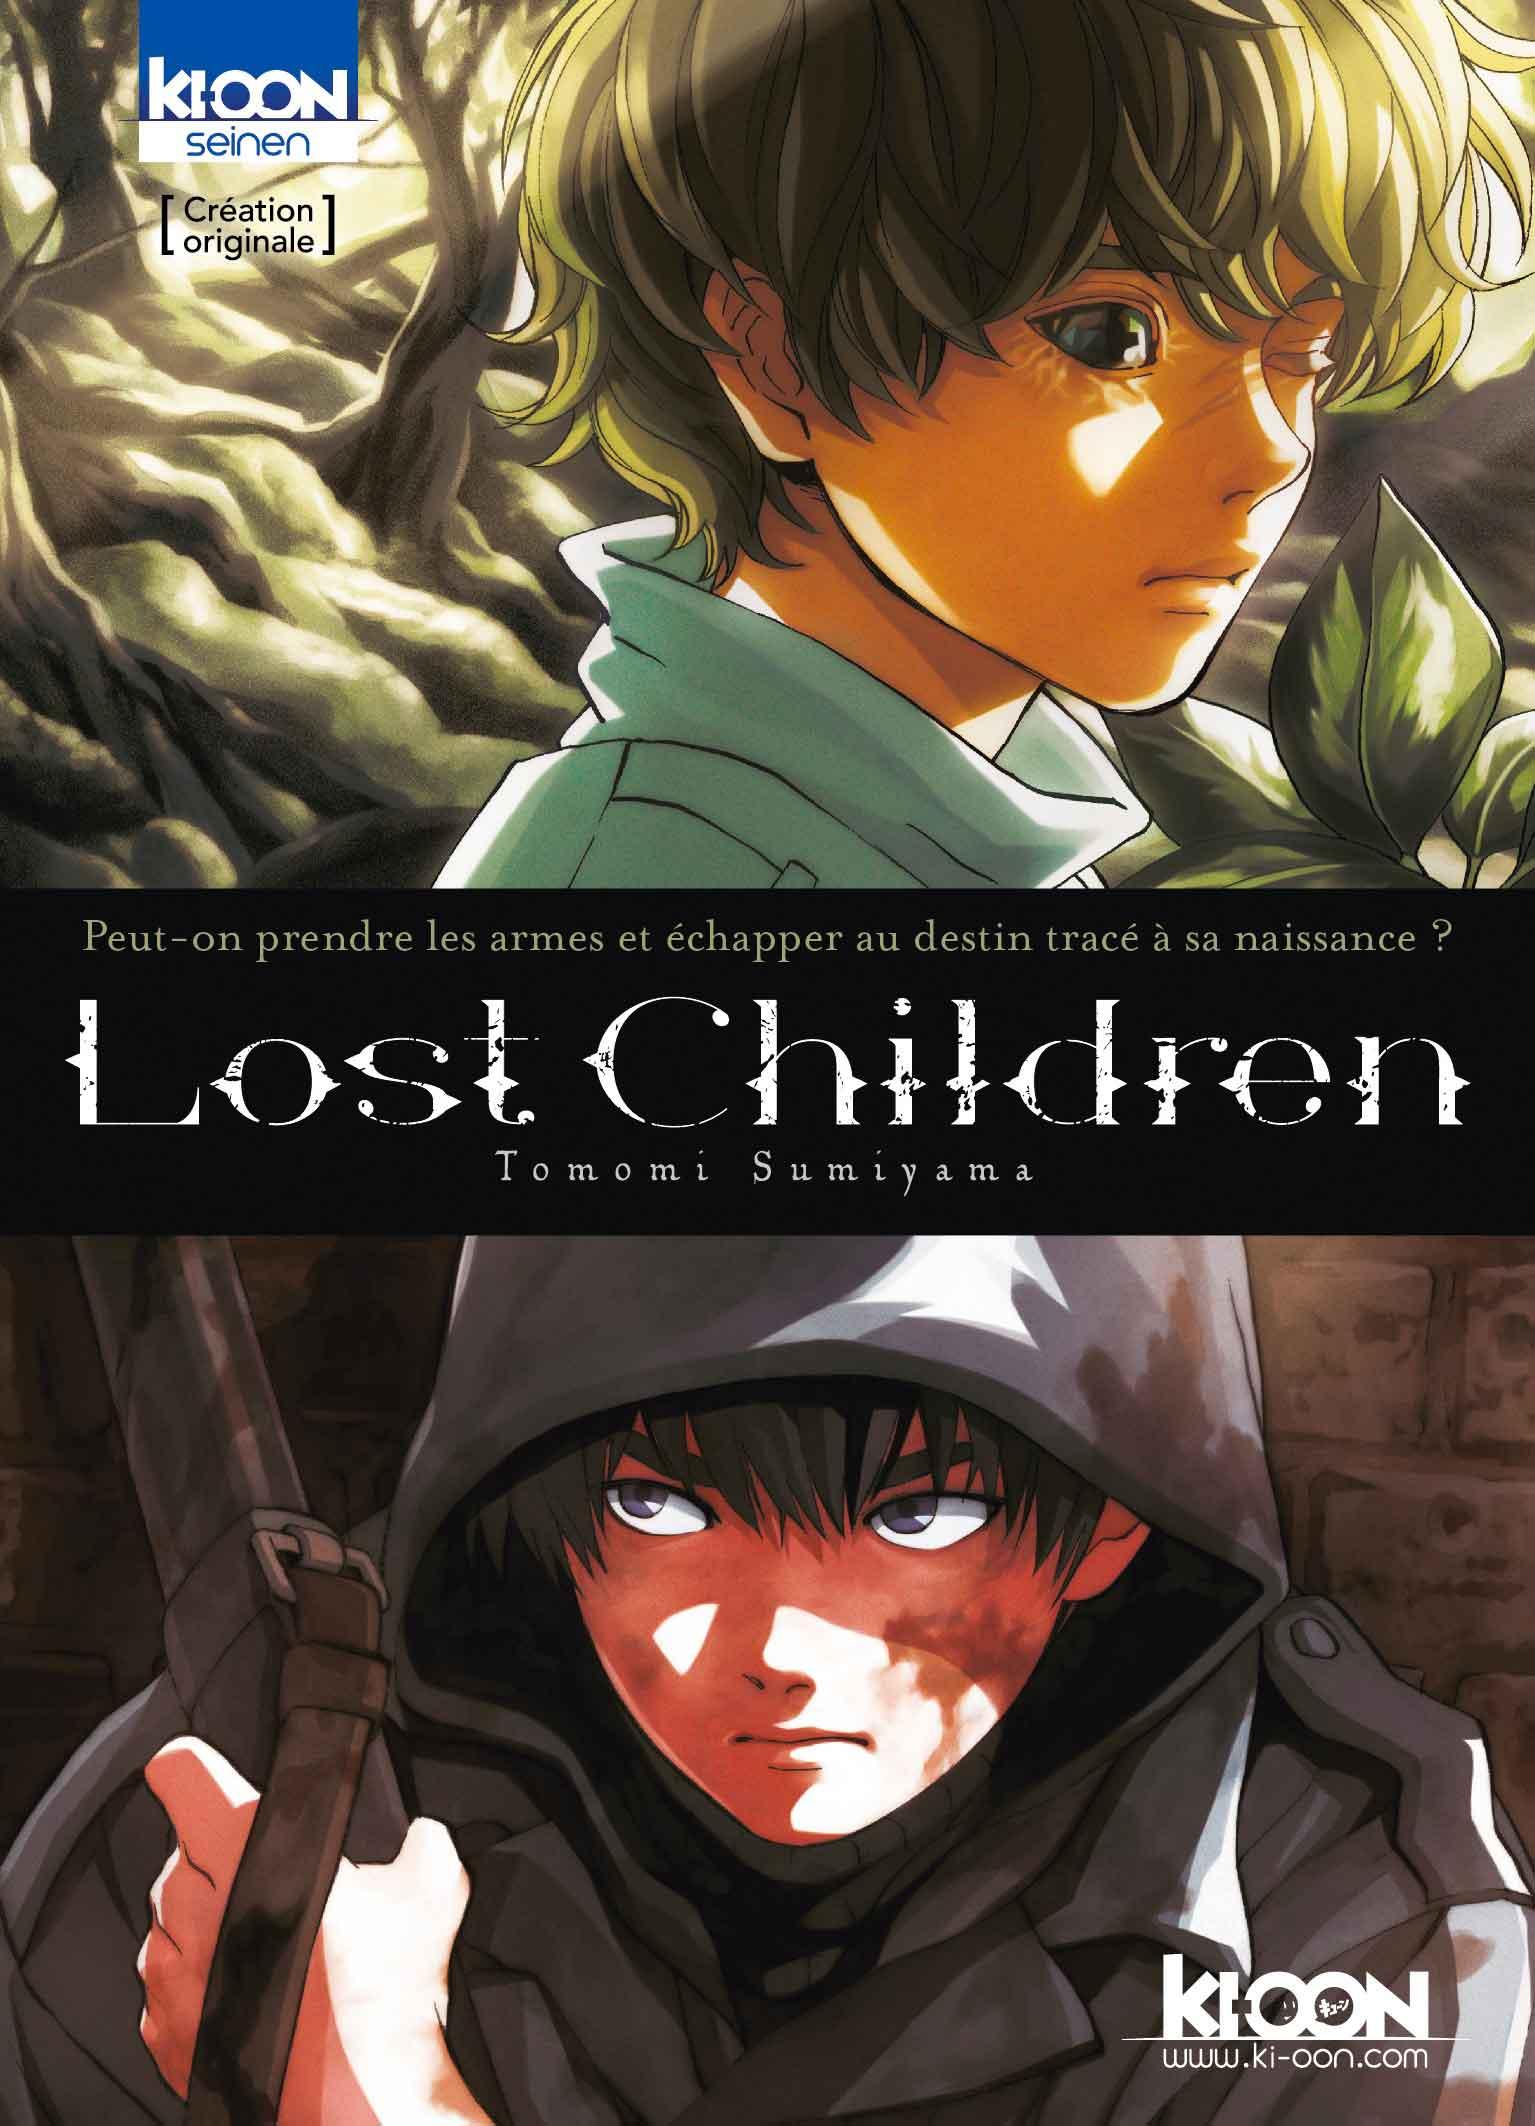 Lost-Children-couv